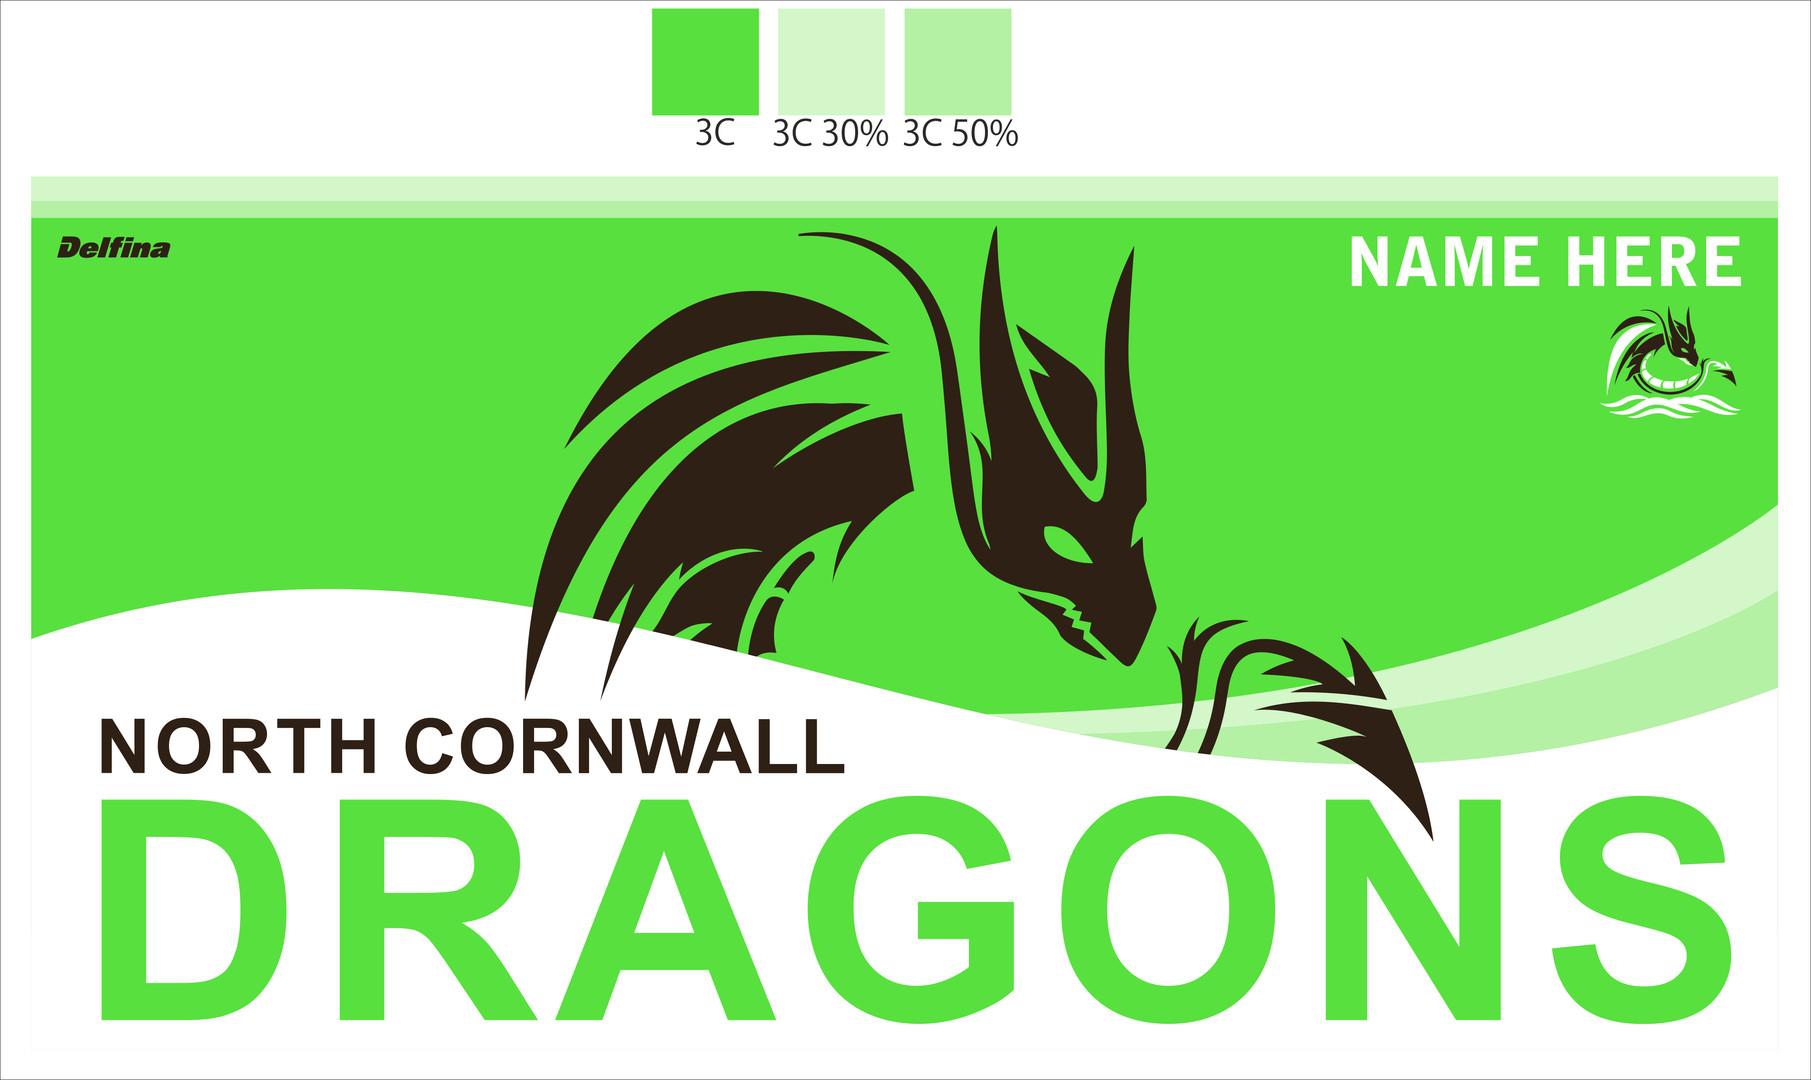 North Cornwall Dragons towel.jpg